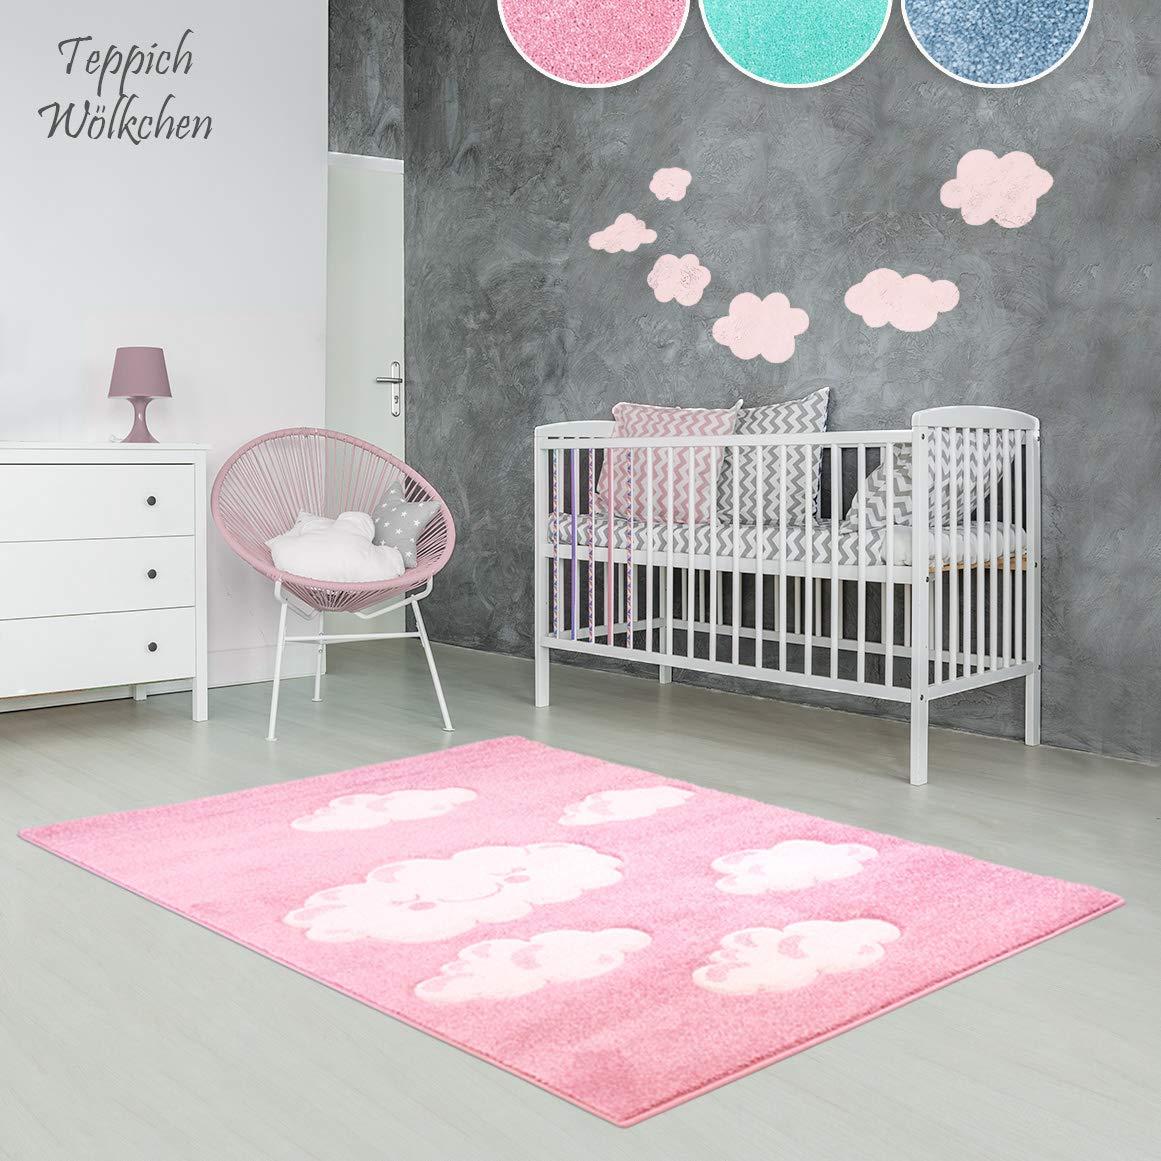 Kinder Zimmer Teppich Im Bunten Wolken Design Oder Uni Uni Oder